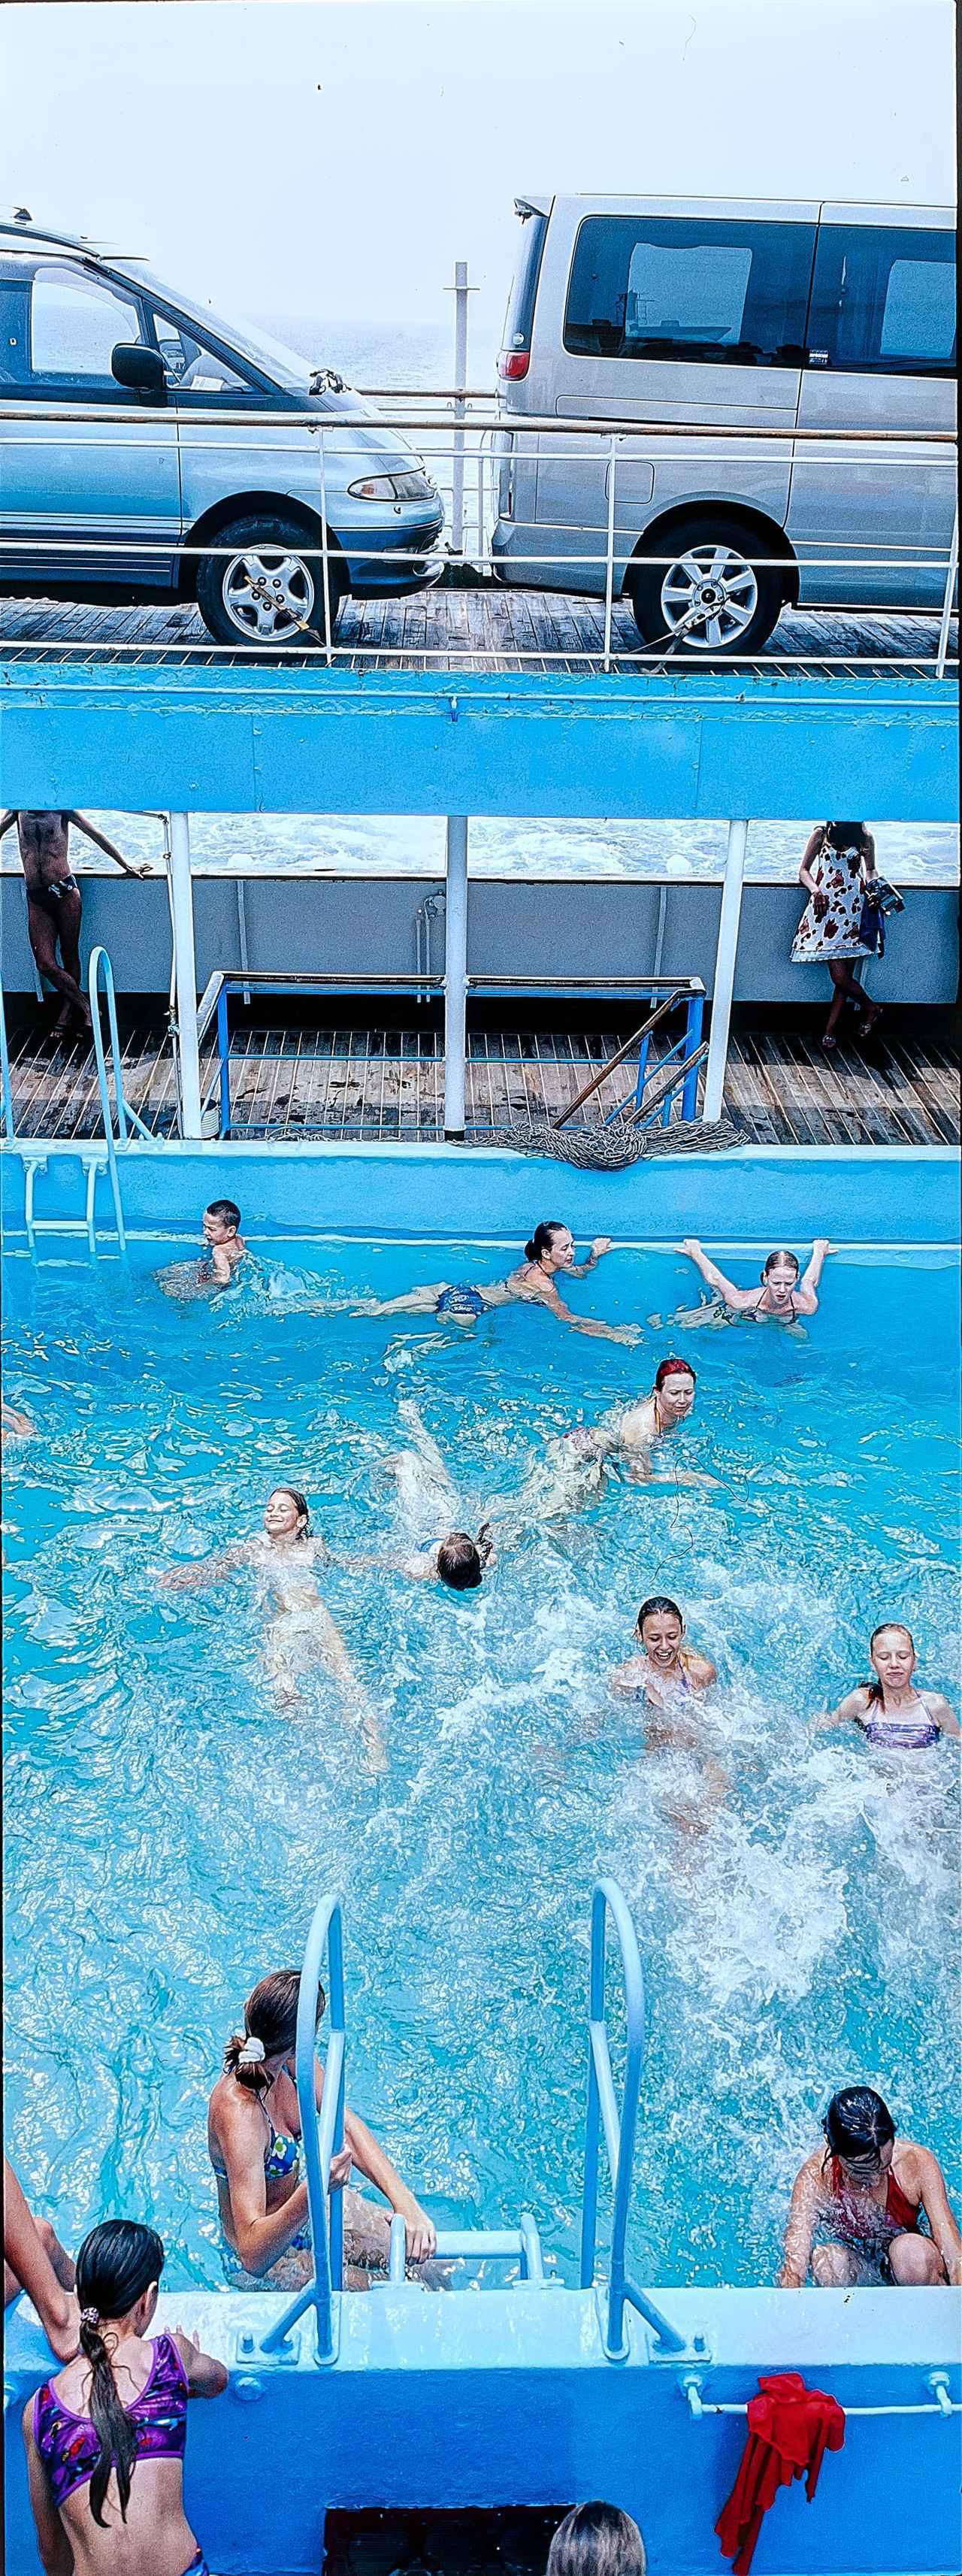 画像: 富山の伏木港からウラジオストクに向かう大型フェリー「RUS」号には、立派なプールが備え付けられていた。デッキ上のクルマを見上げながら、水とたわむれて盛夏を満喫する子供たち。